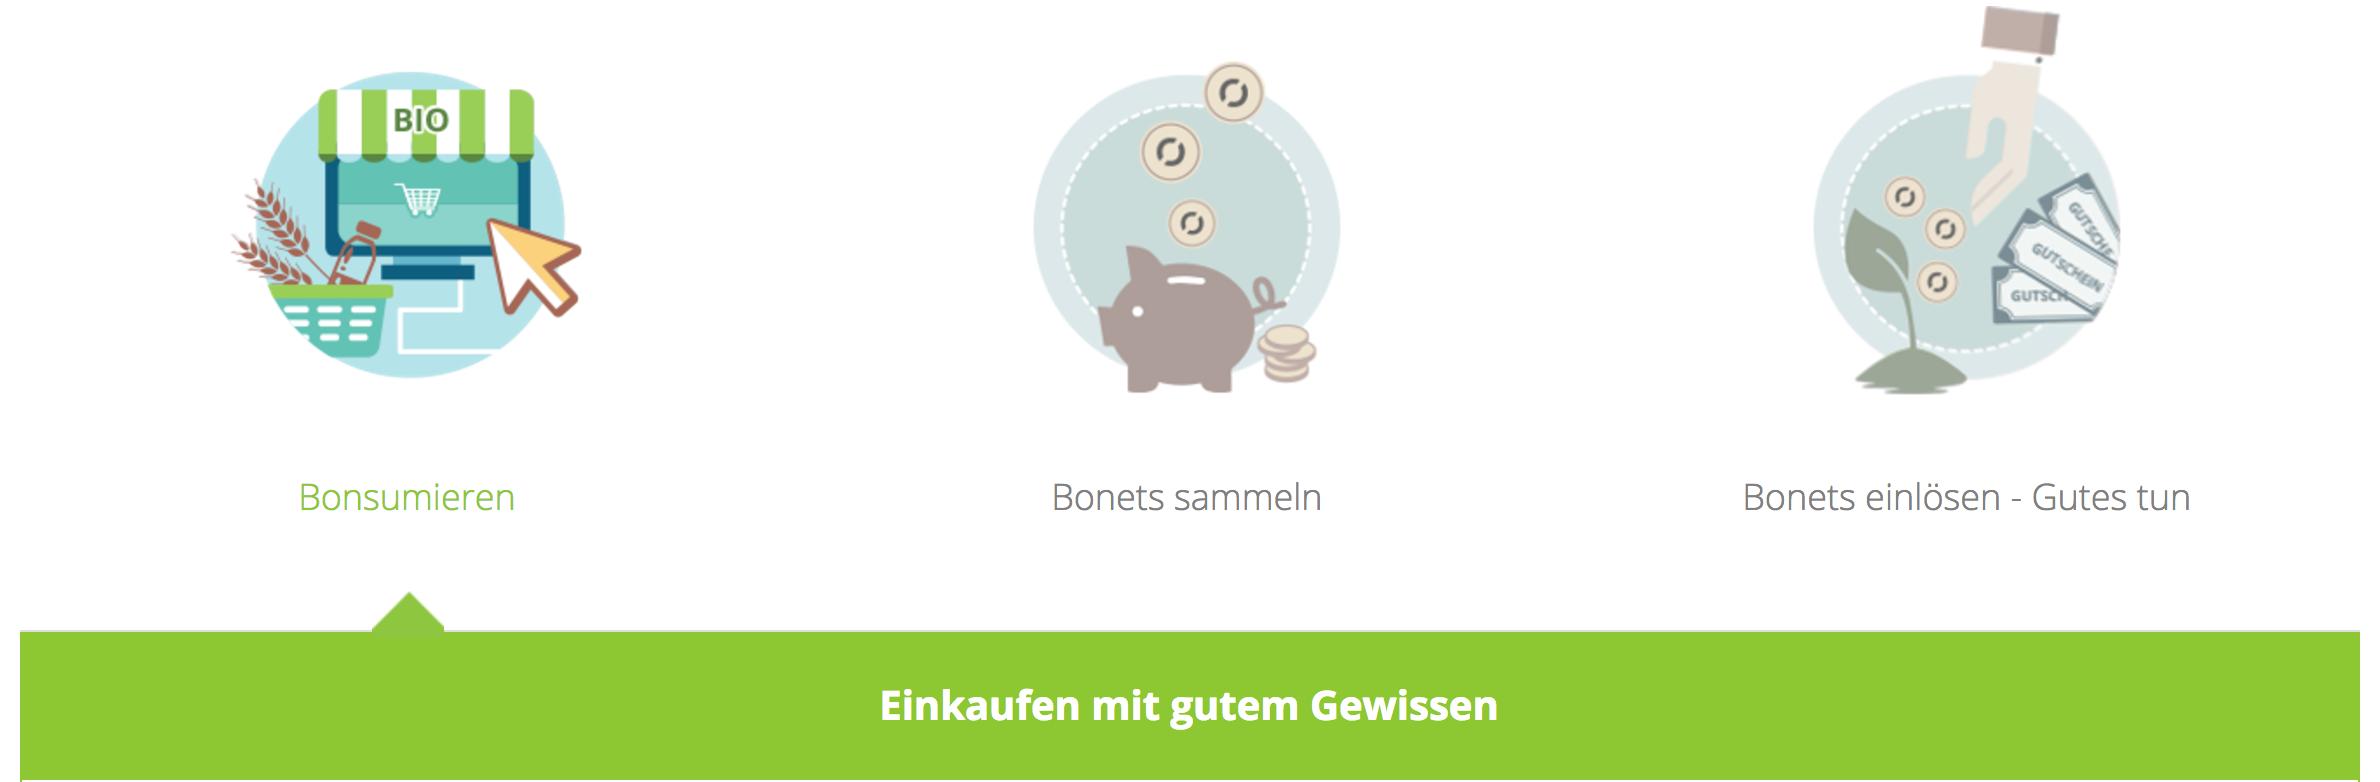 Bonussystem Nachhaltiger Konsum Einkauf Bonsum